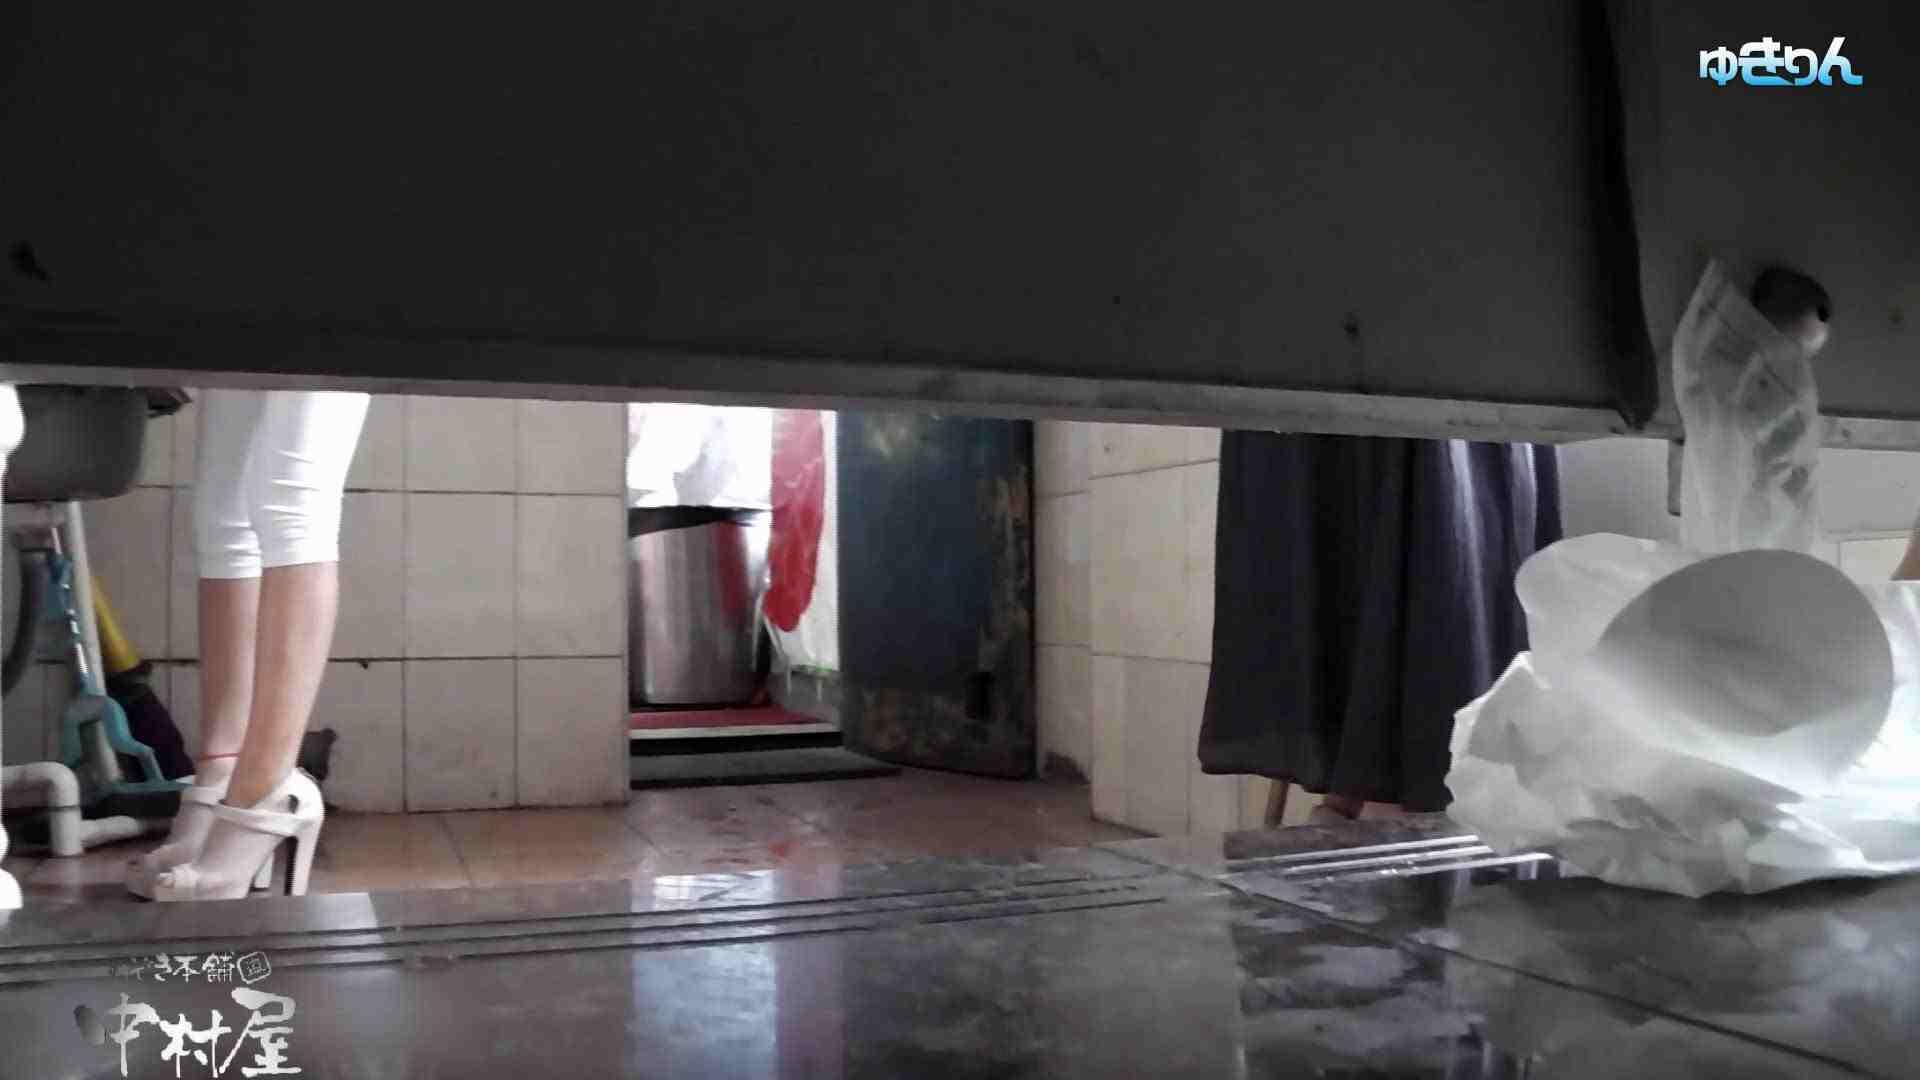 世界の射窓から~ステーション編~vol63 ハイヒール花柄に注目 前編 盗撮シリーズ   おまんこ見放題  97PIX 81